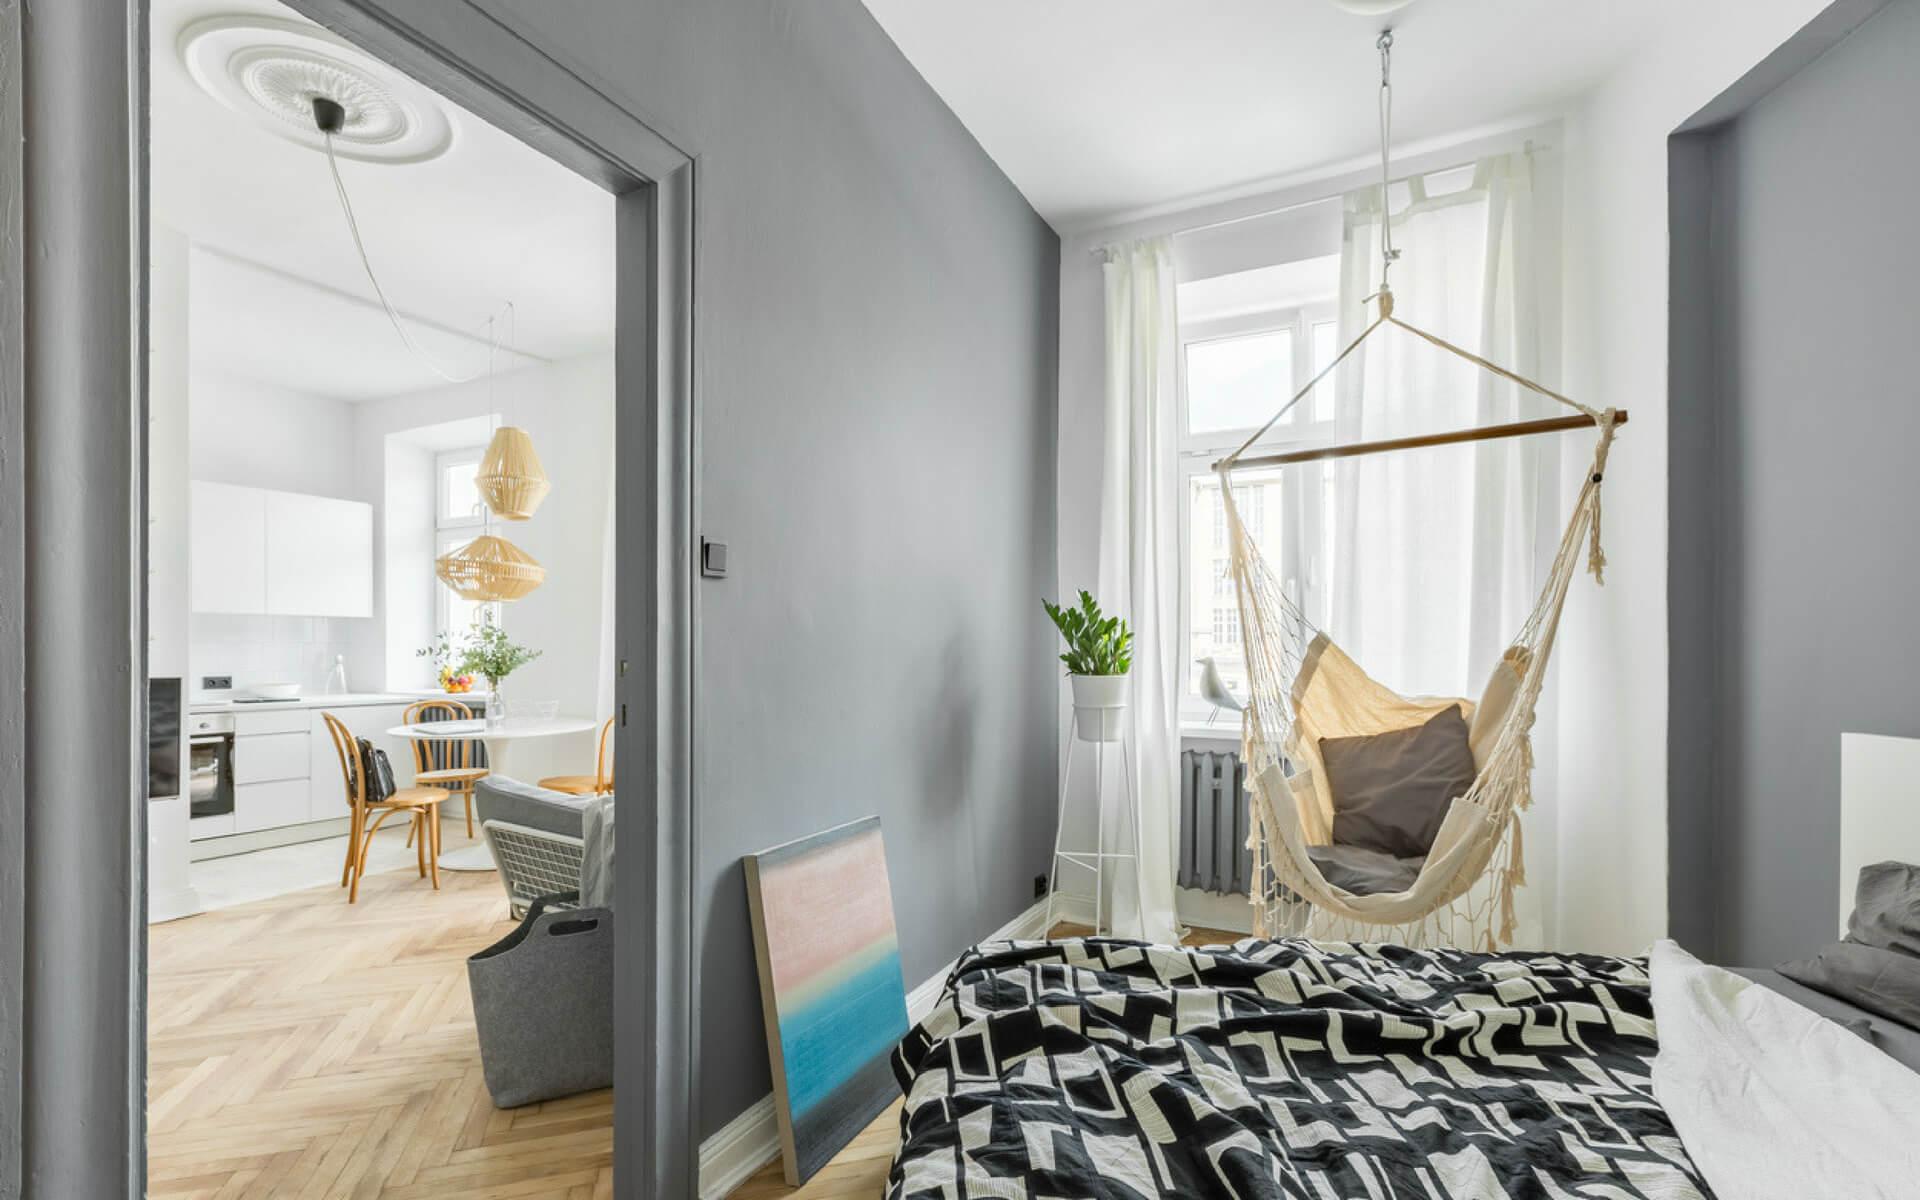 Una casa vissuta e piena di ricordi è una delle ultime tendenze in fatto di arredamento